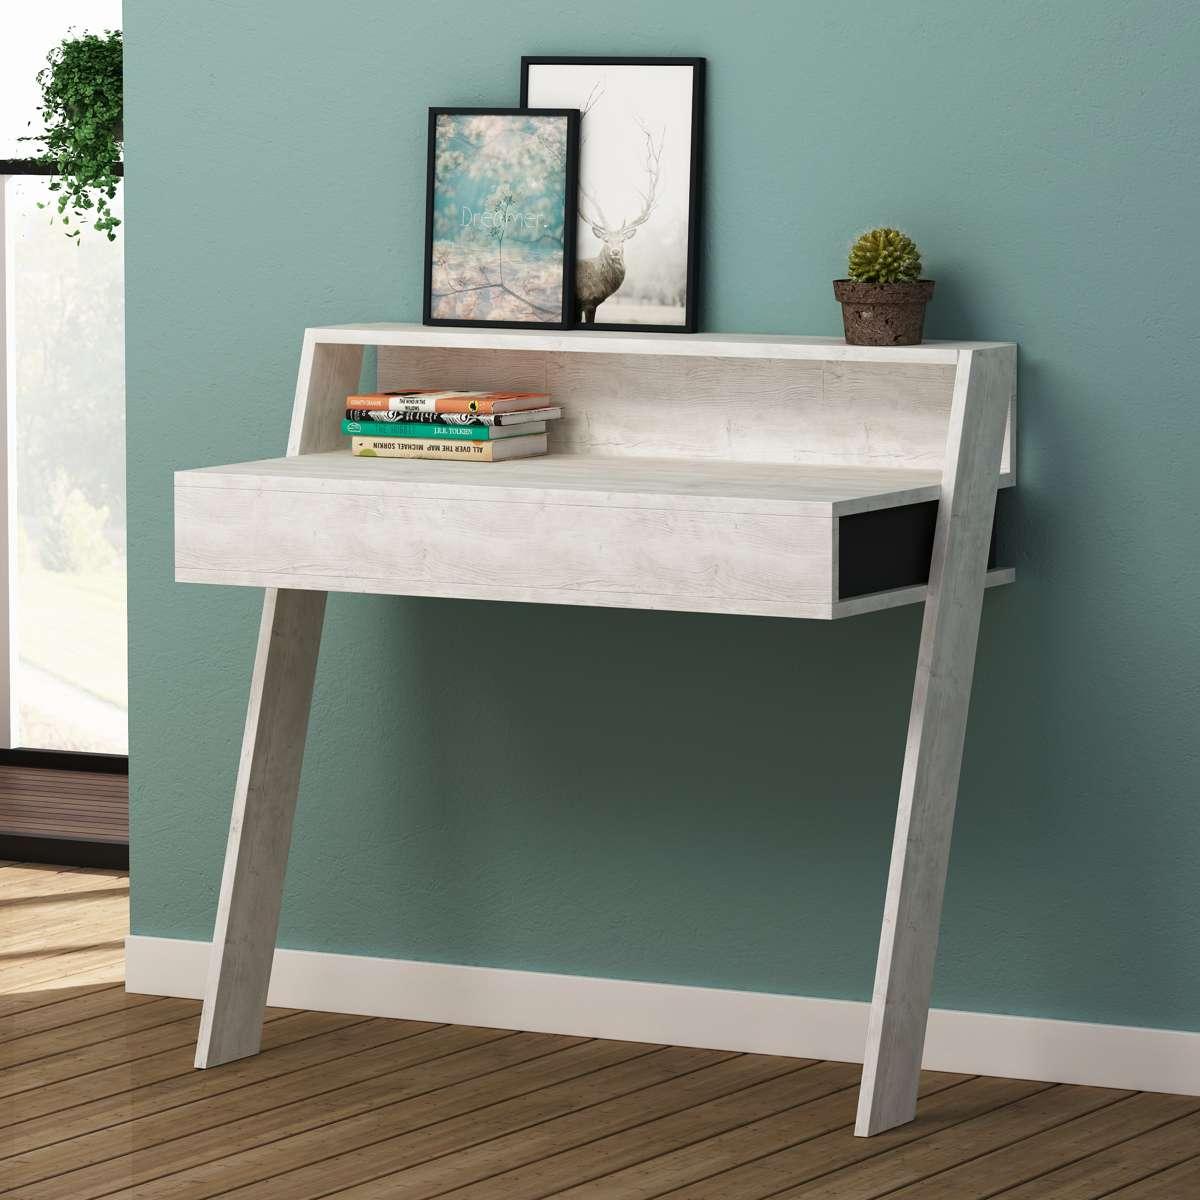 שולחן כתיבה Cowork Working table אלון מולבן/אפור מסדרת Decoline